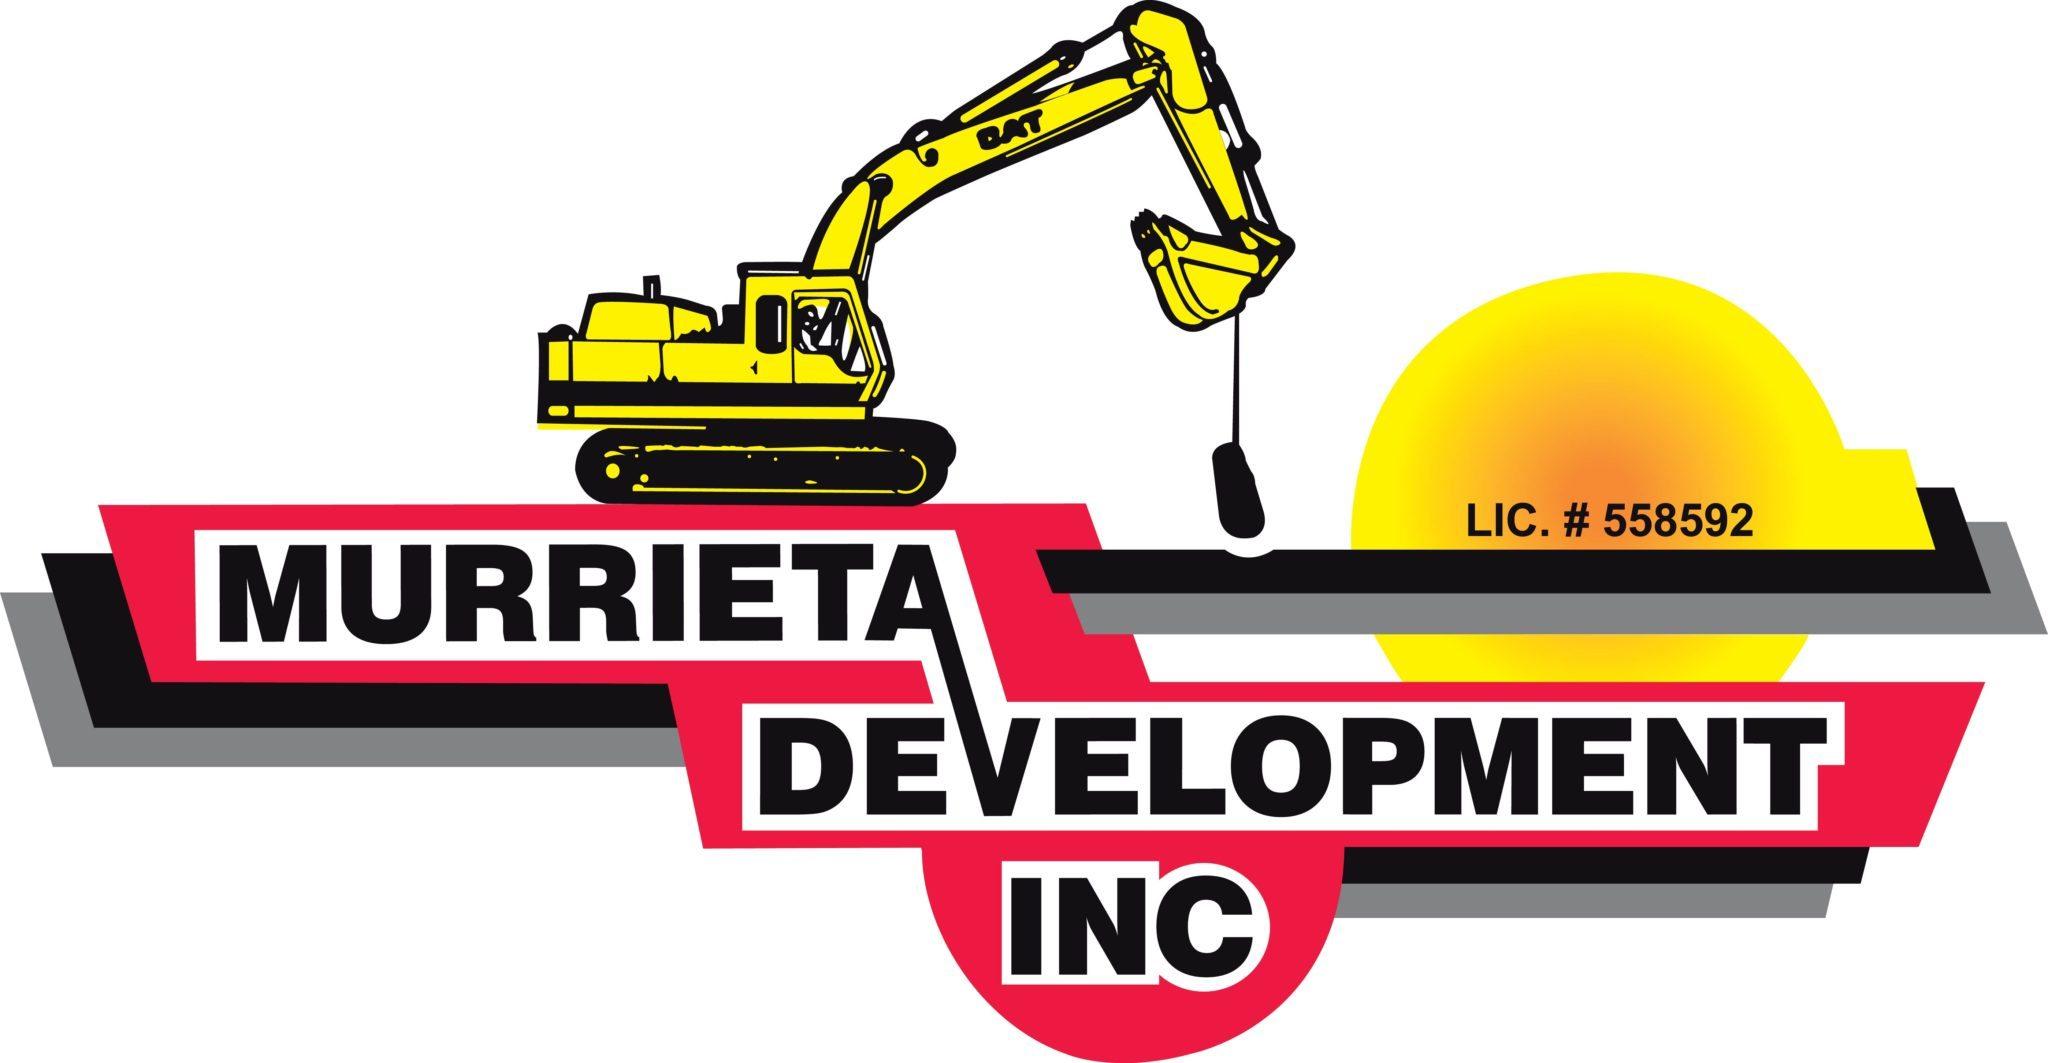 murrieta-development